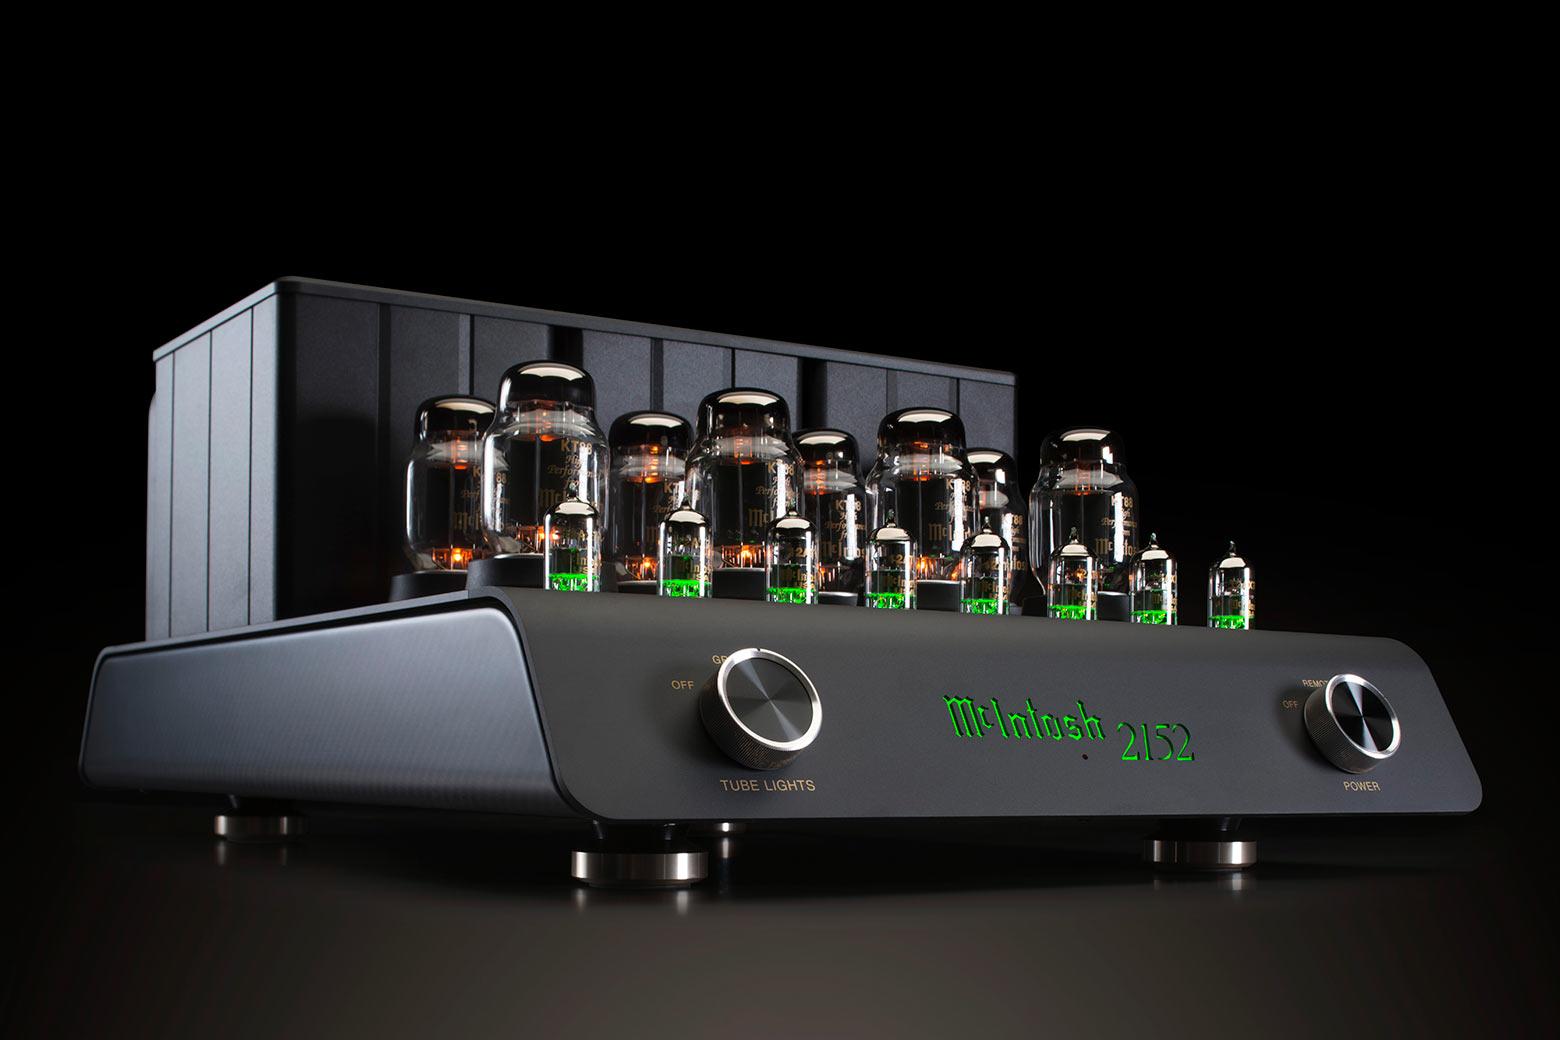 McIntosh MC205 Home Theater Amplifier